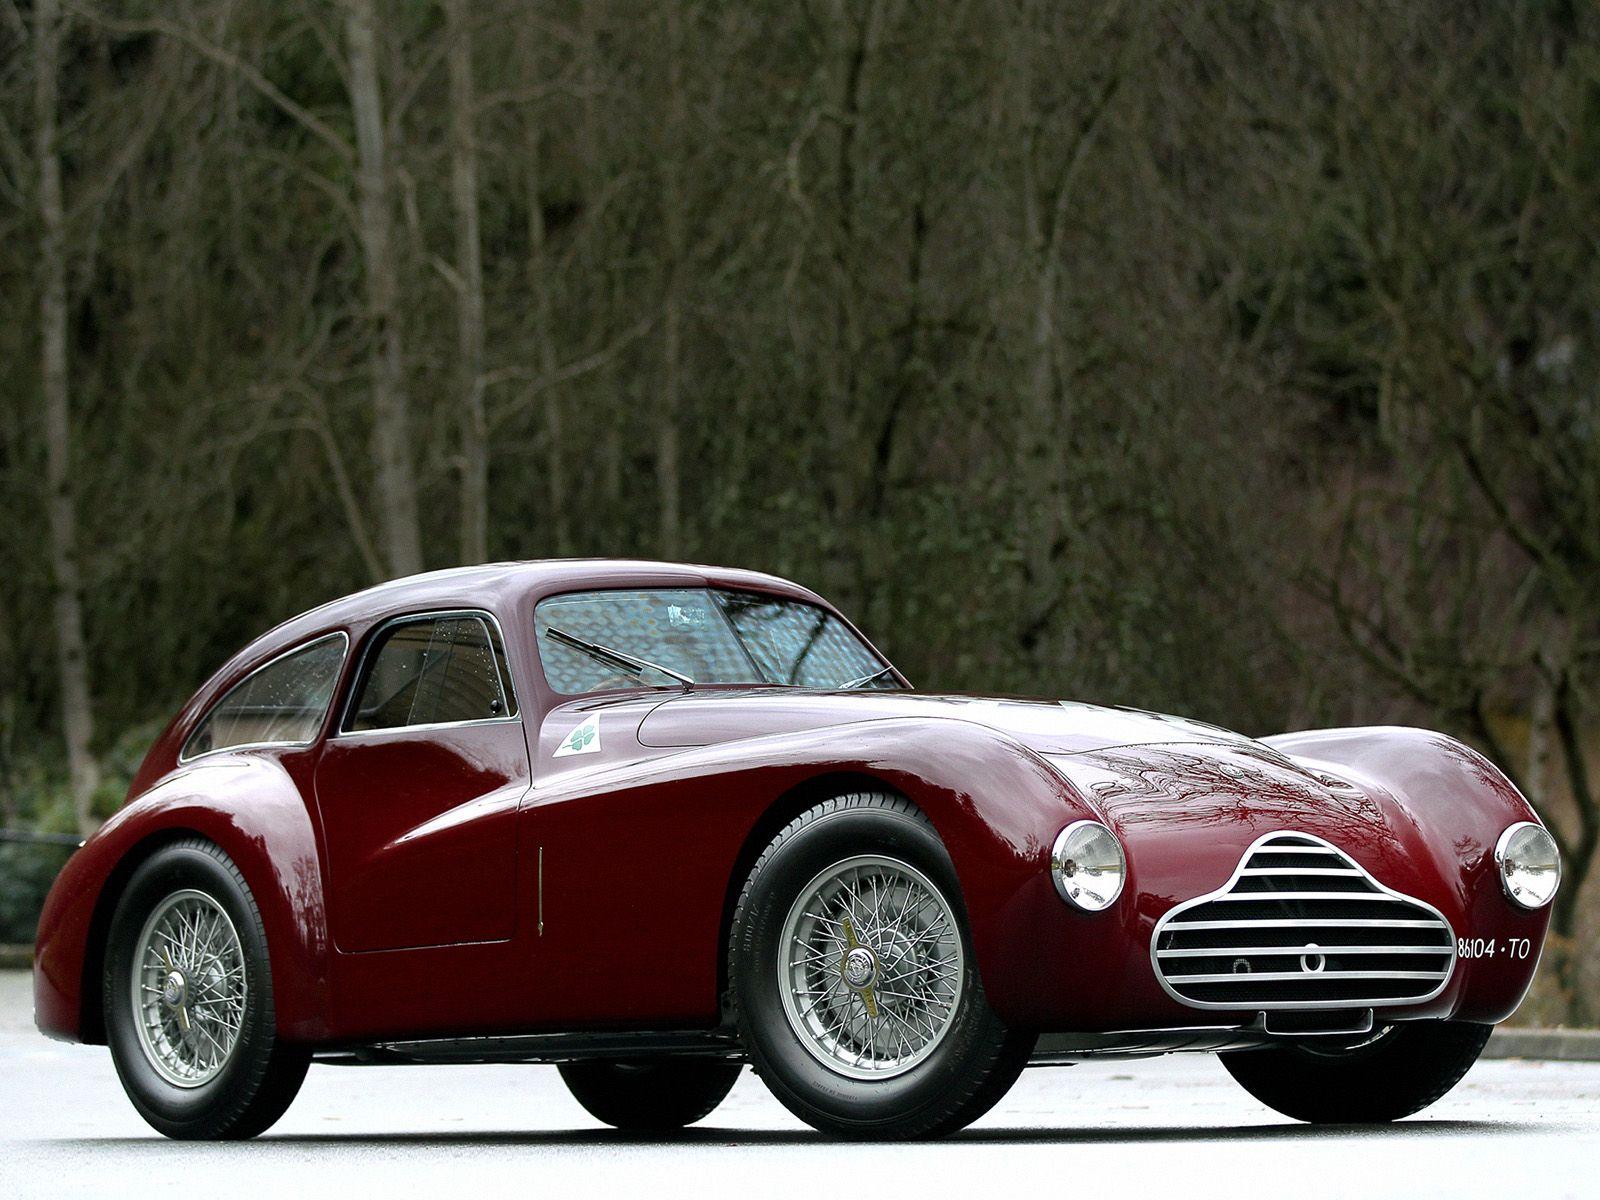 1948 Alfa Romeo 6c 2500 I Accidentally Put This On My Yum Food